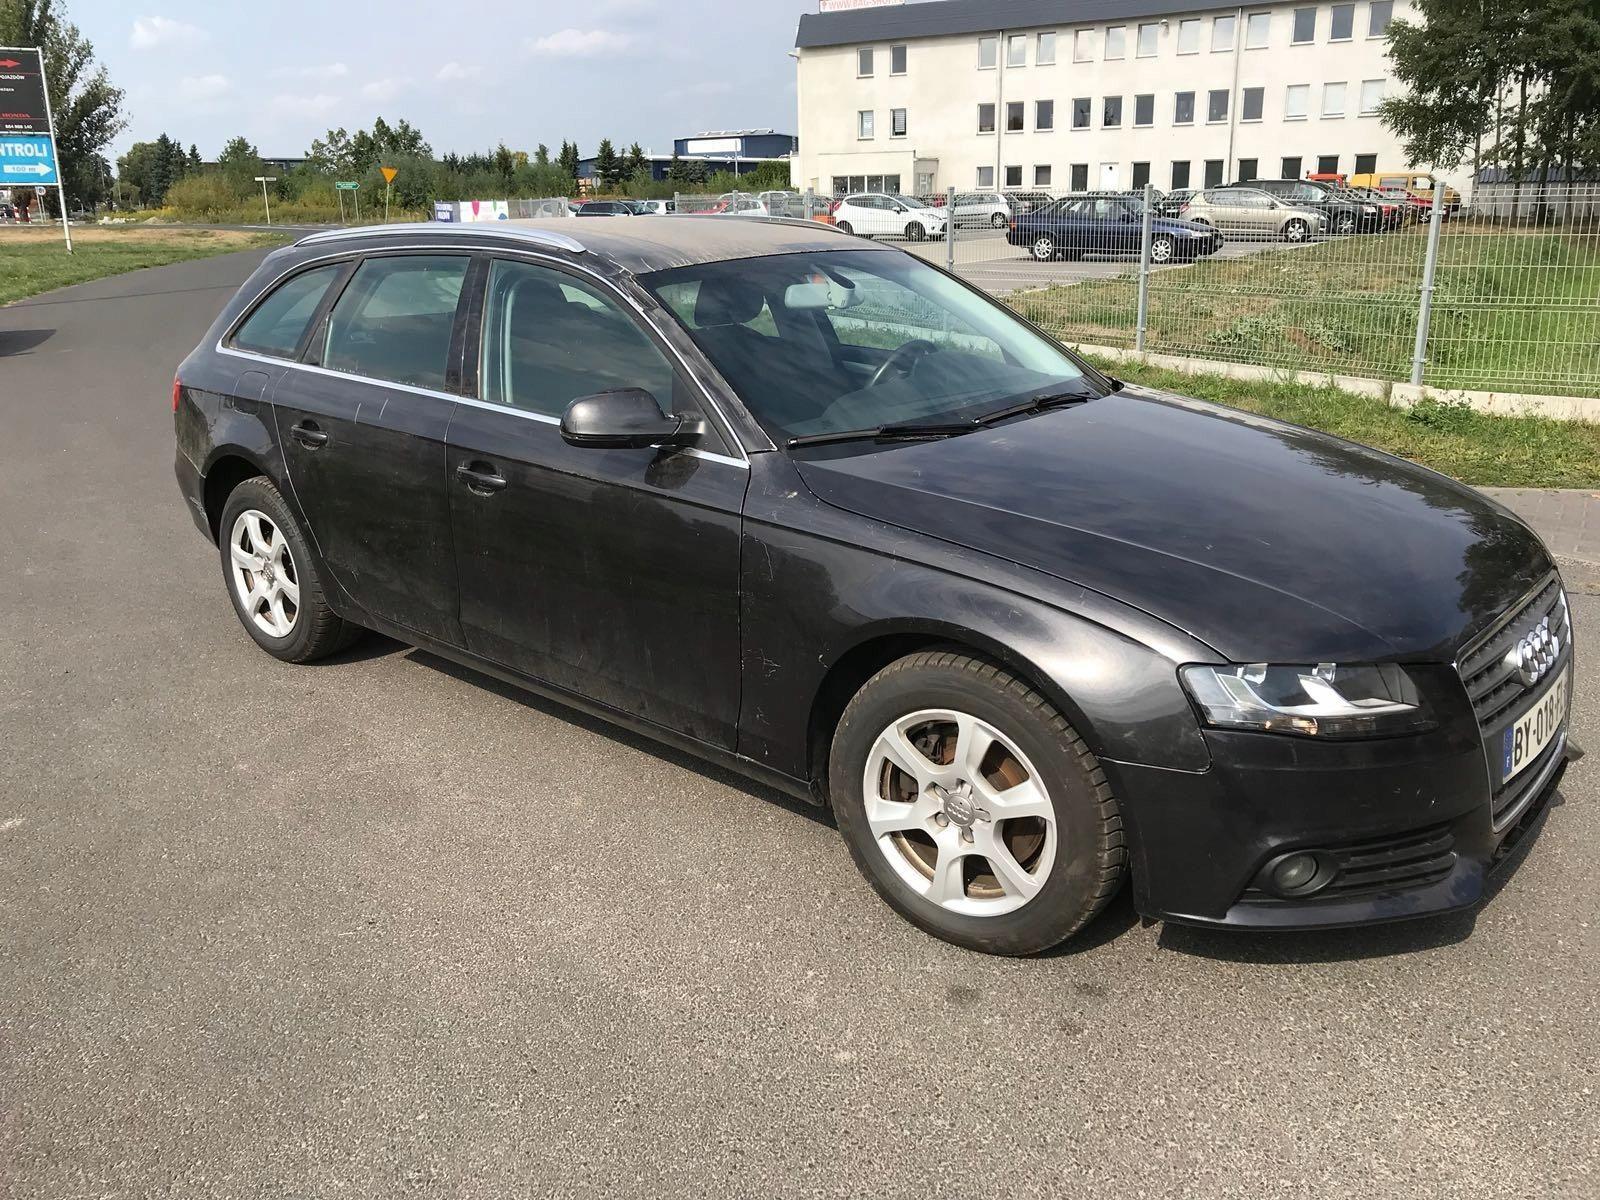 Audi A4 B8 Avant 20 Tdi 143km Nawigacja Mmi Opinie I Ceny Na Ceneopl